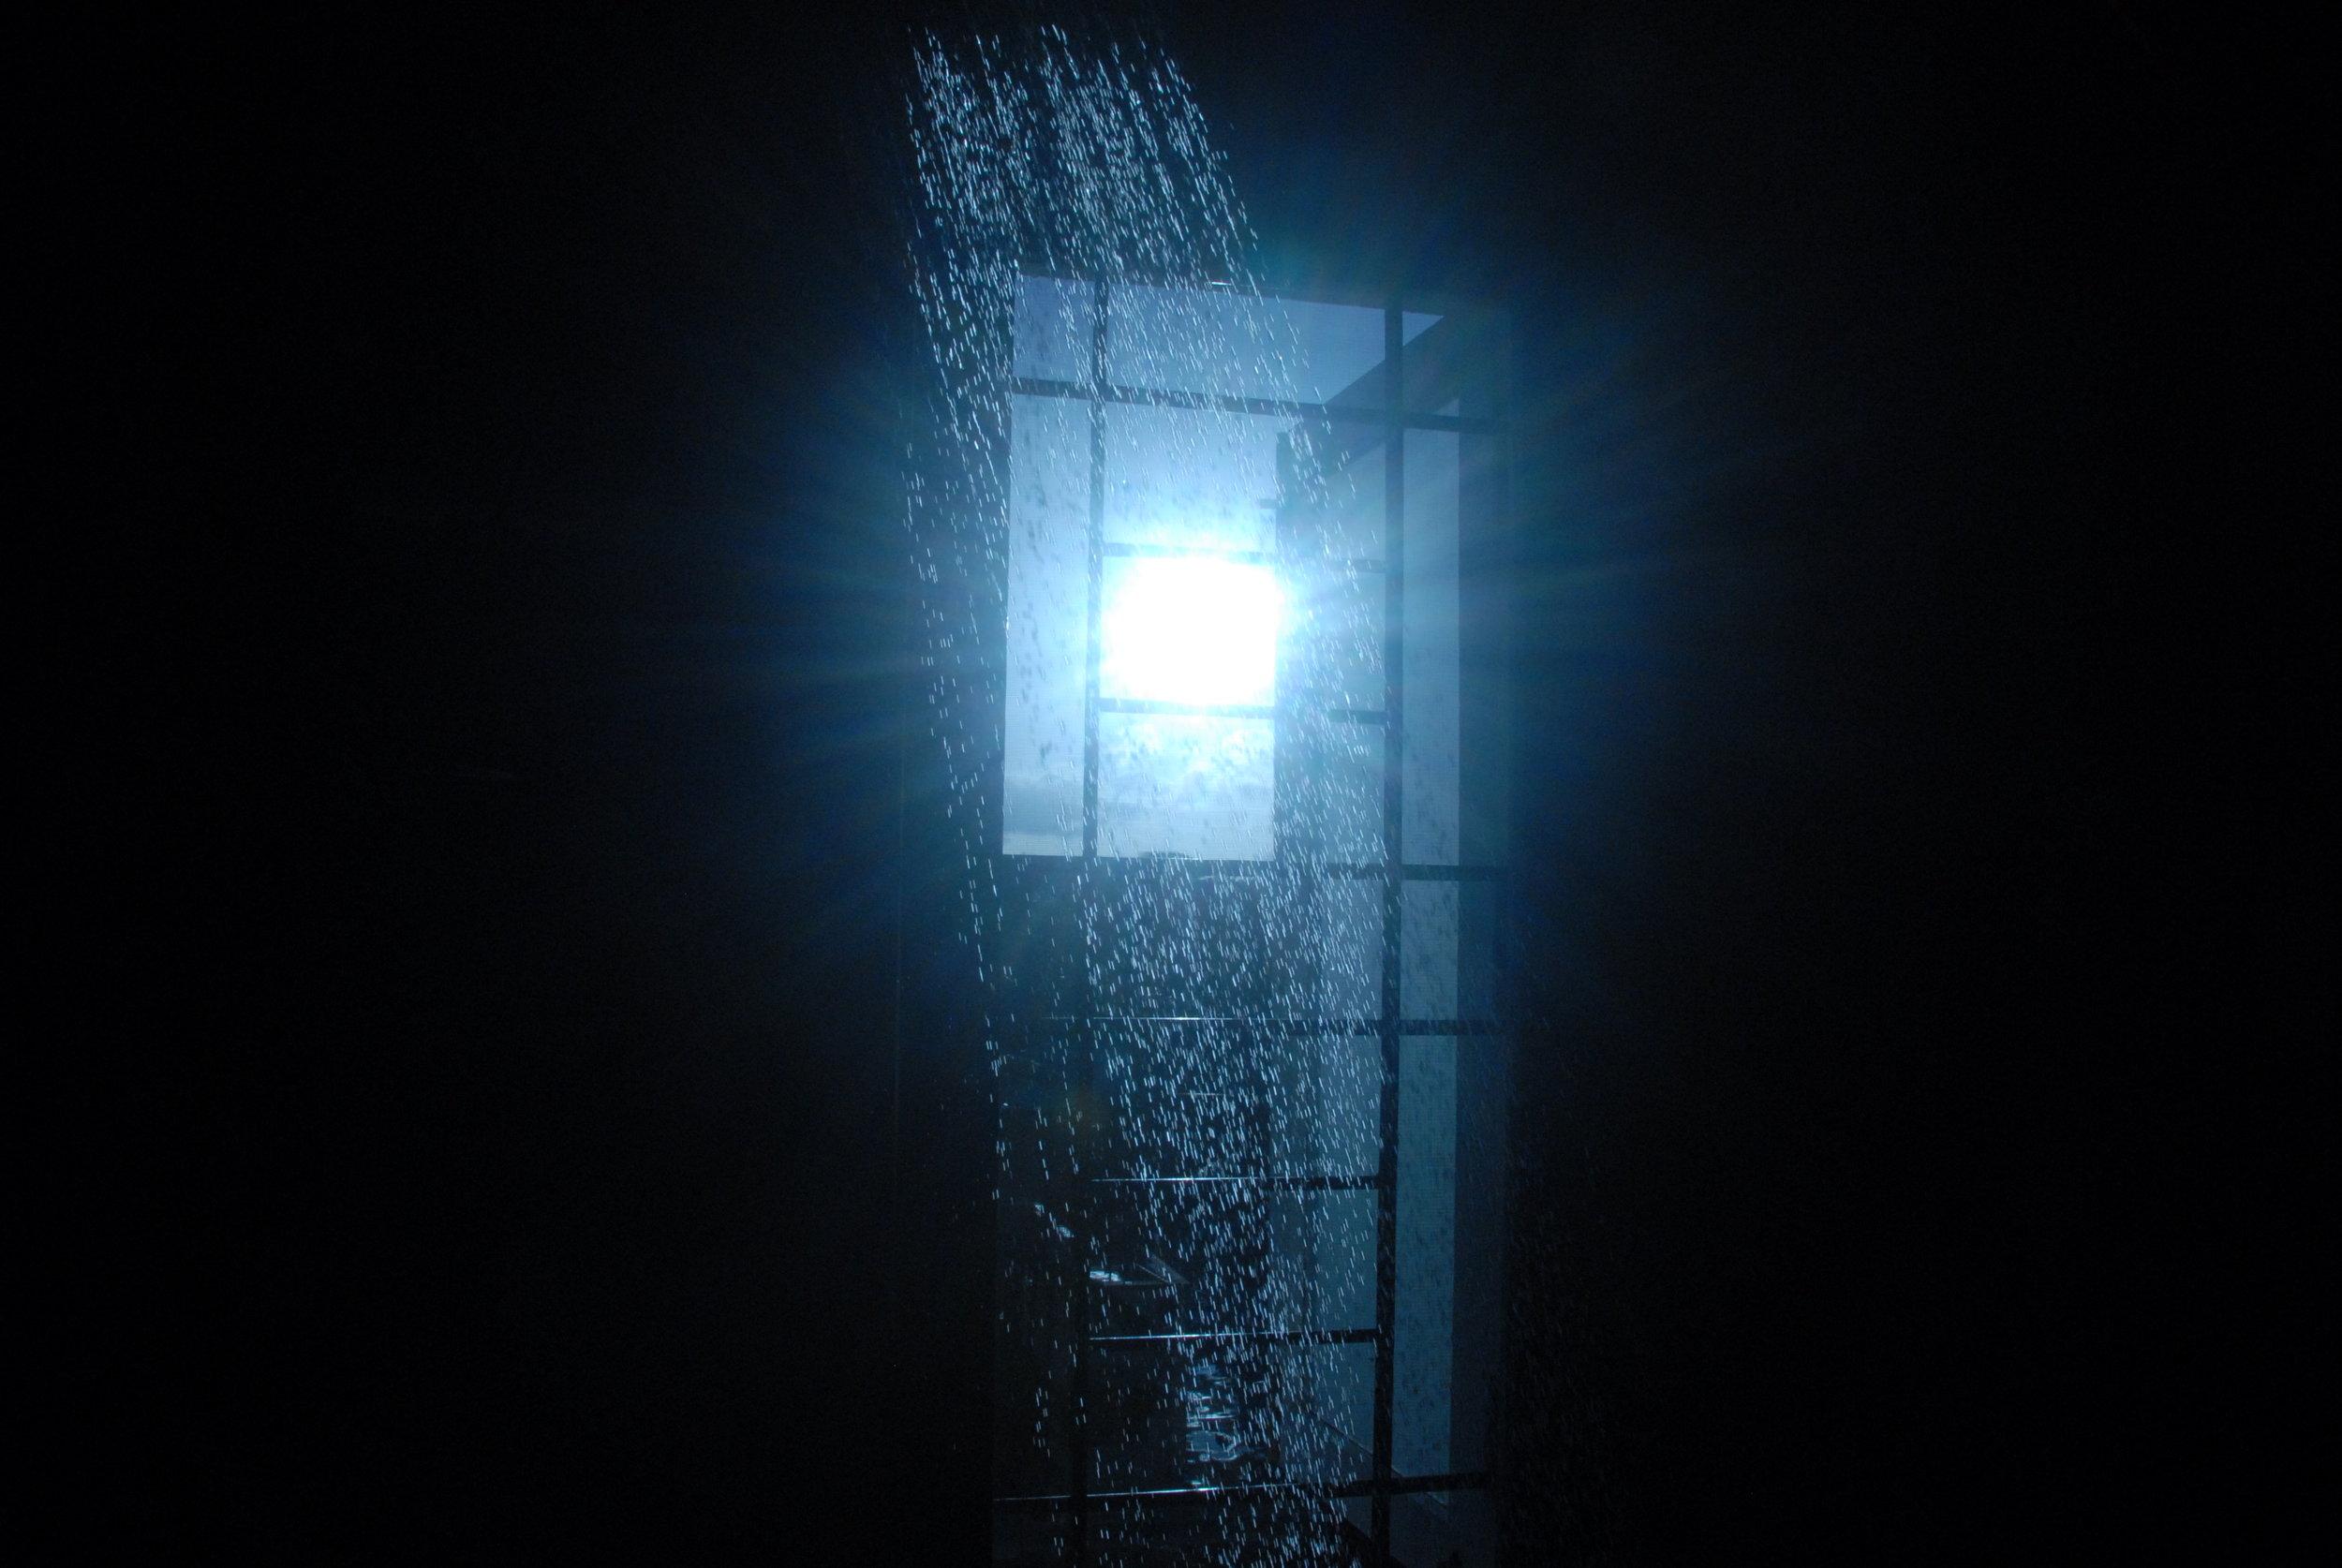 Shower_kkirank.me